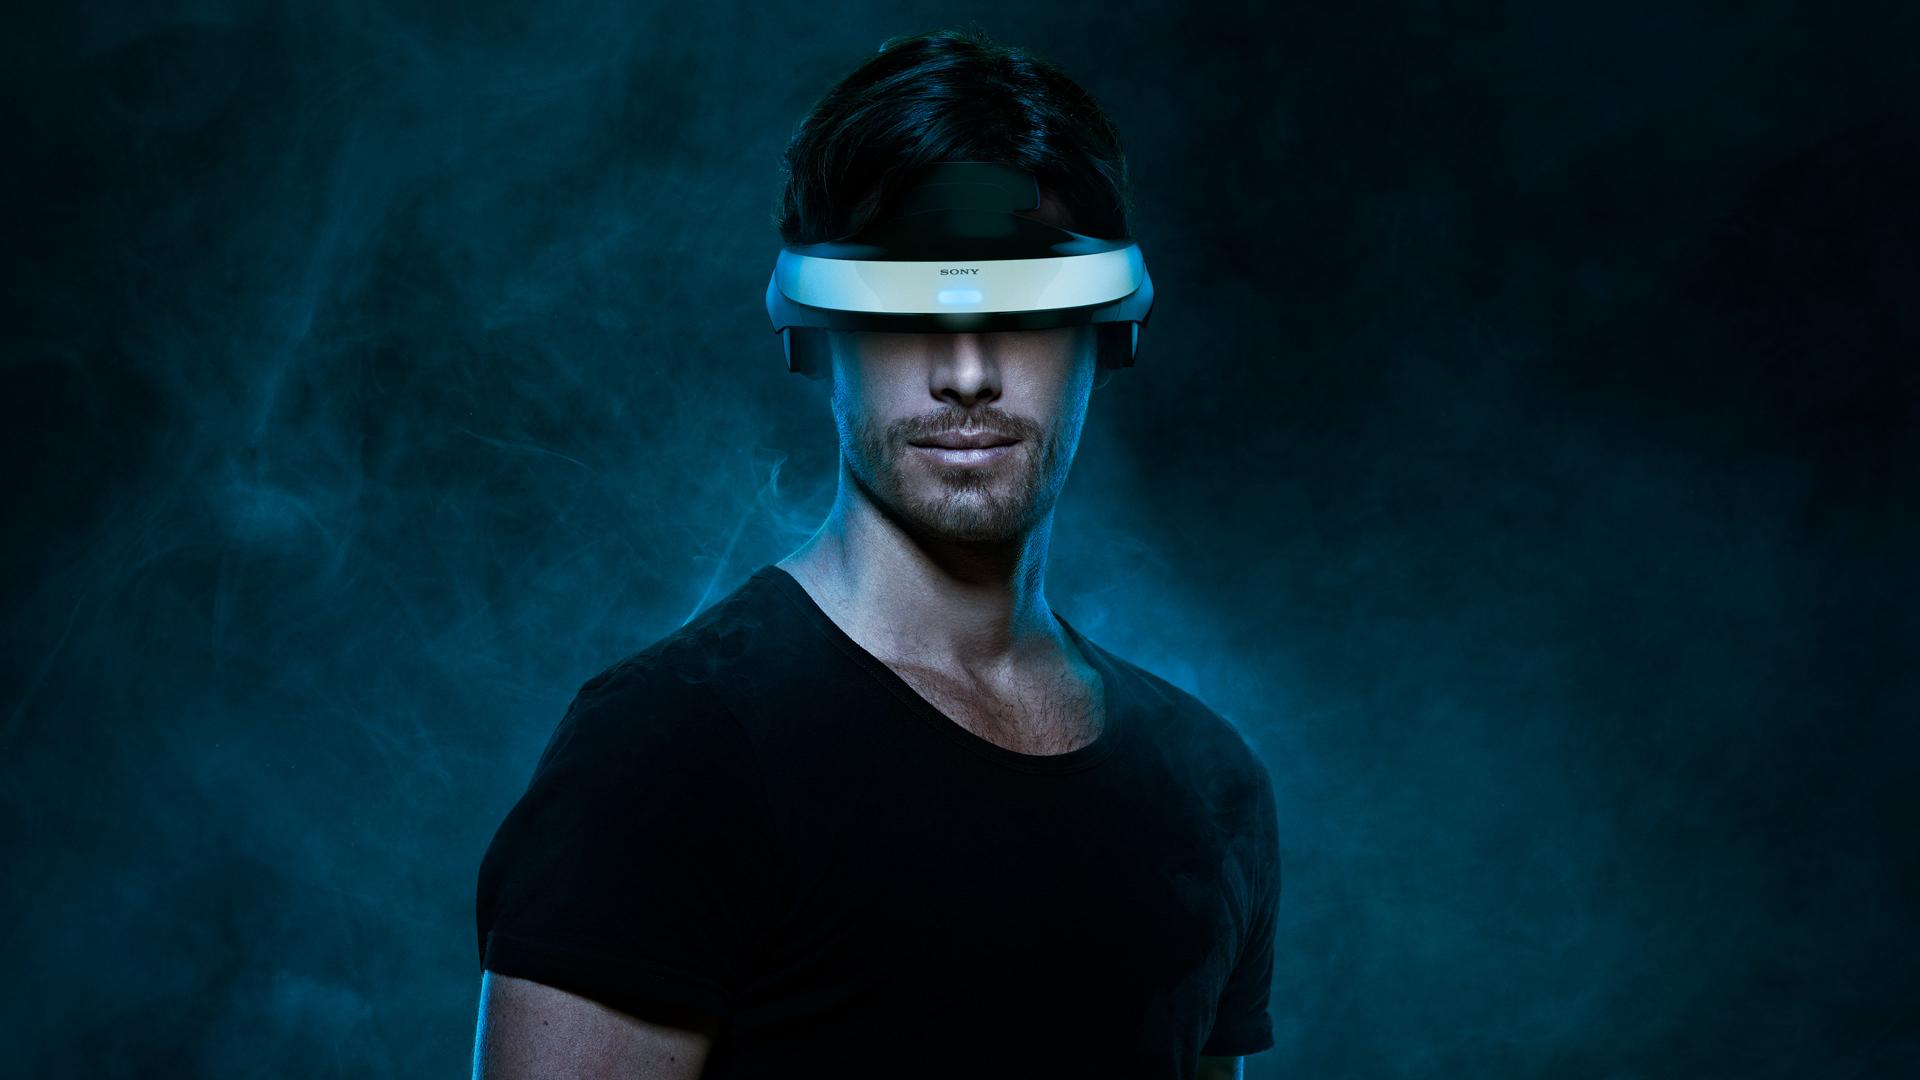 Sony bringt OLED Videobrille auf den Markt